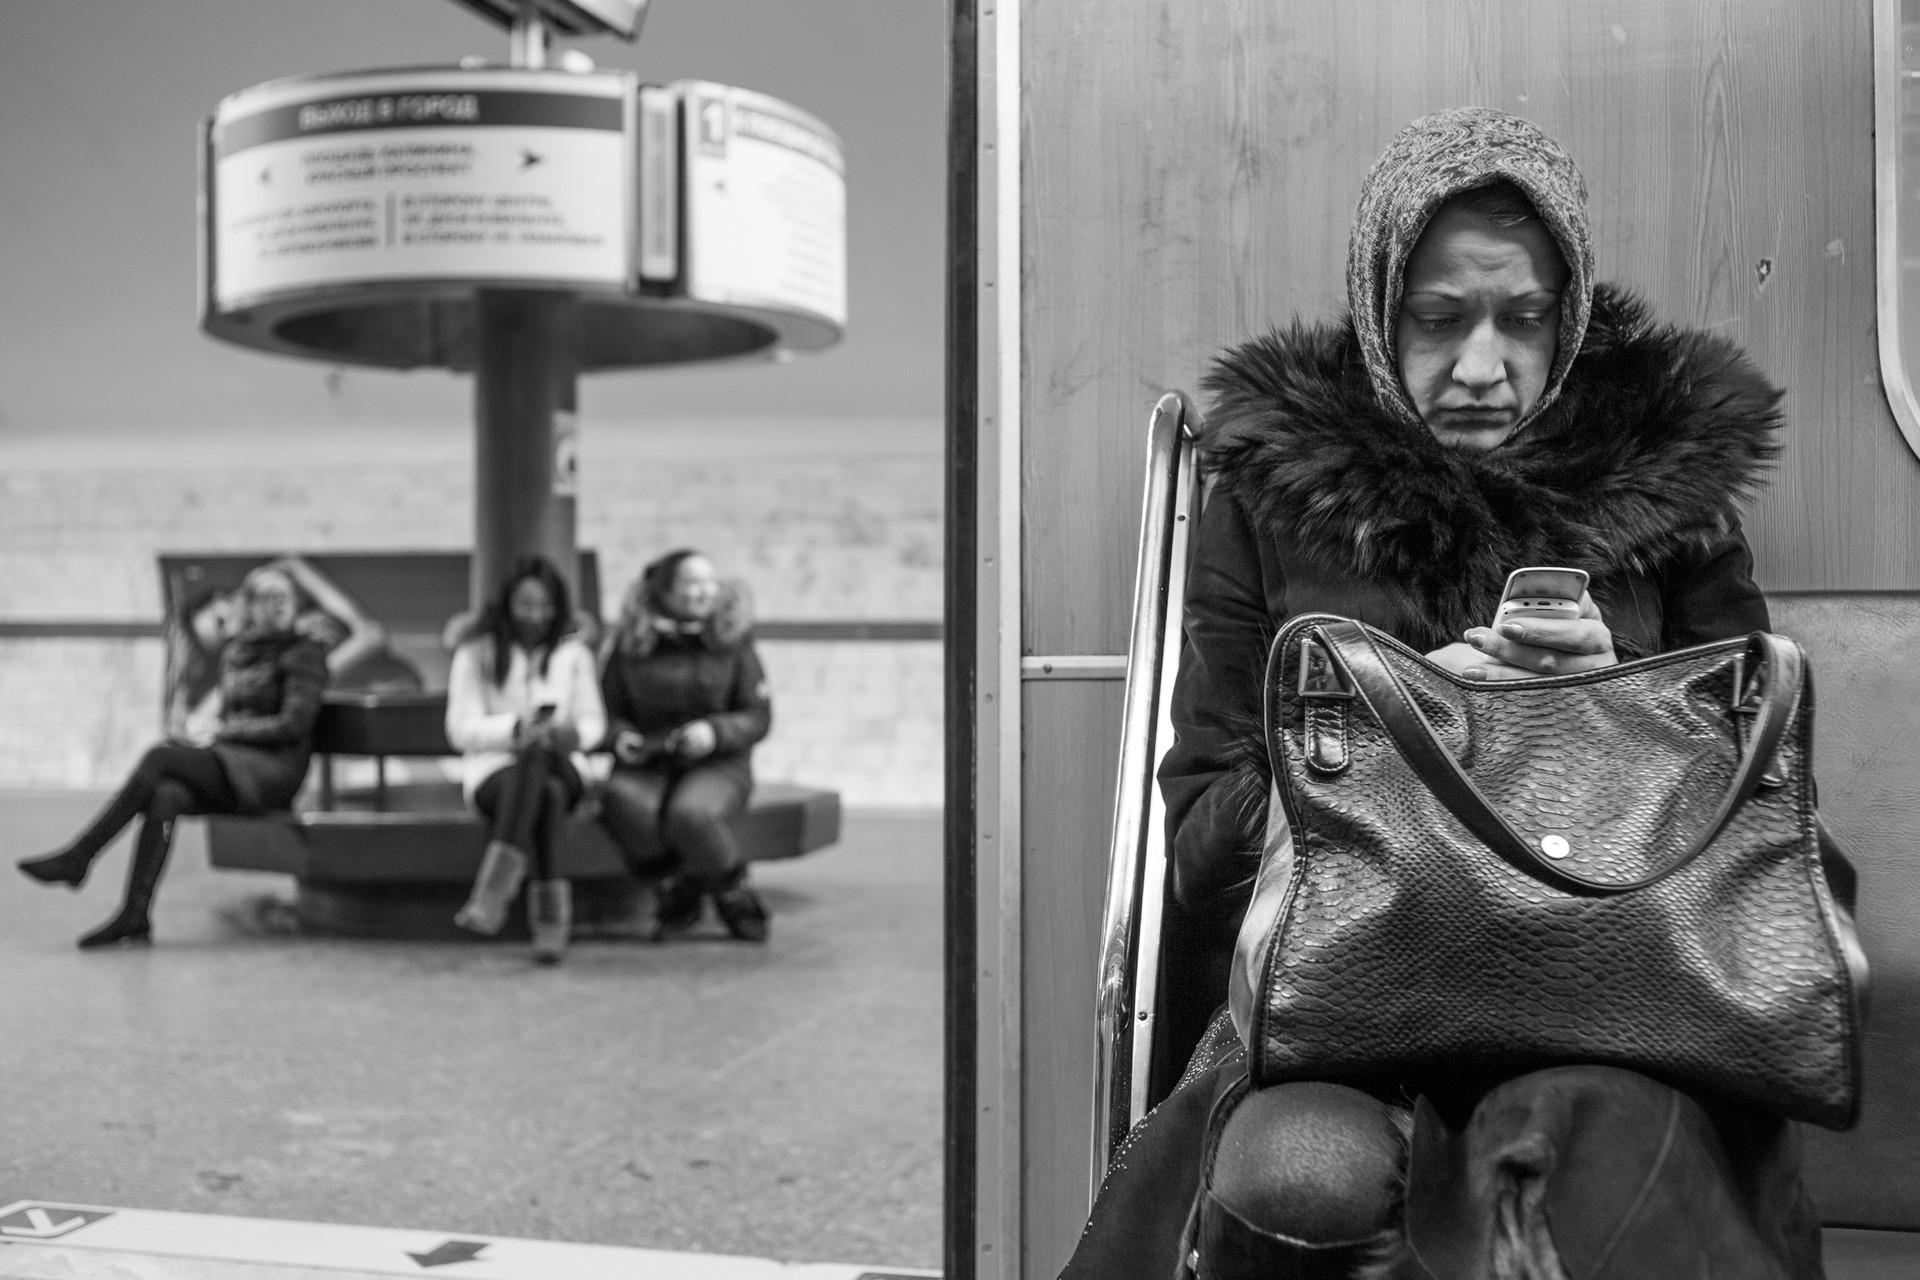 Жене у метроу Москве.